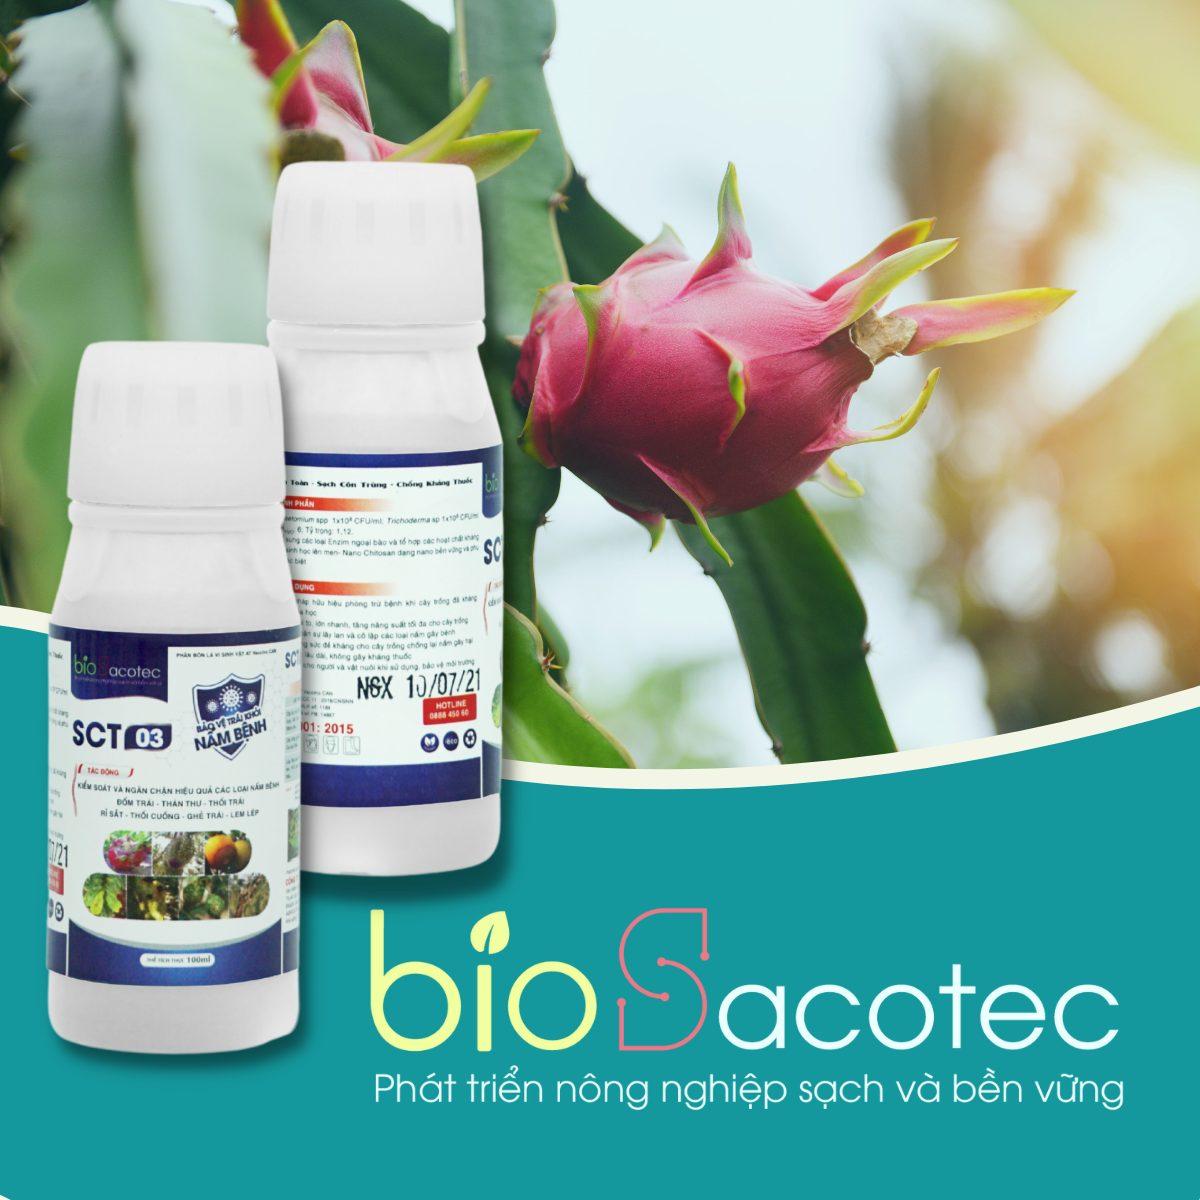 Chế phẩm sinh học SCT 03 – Phòng trừ nấm bệnh trái như thối trái, ghẻ sẹo, đốm trái, thán thư( 100ml)